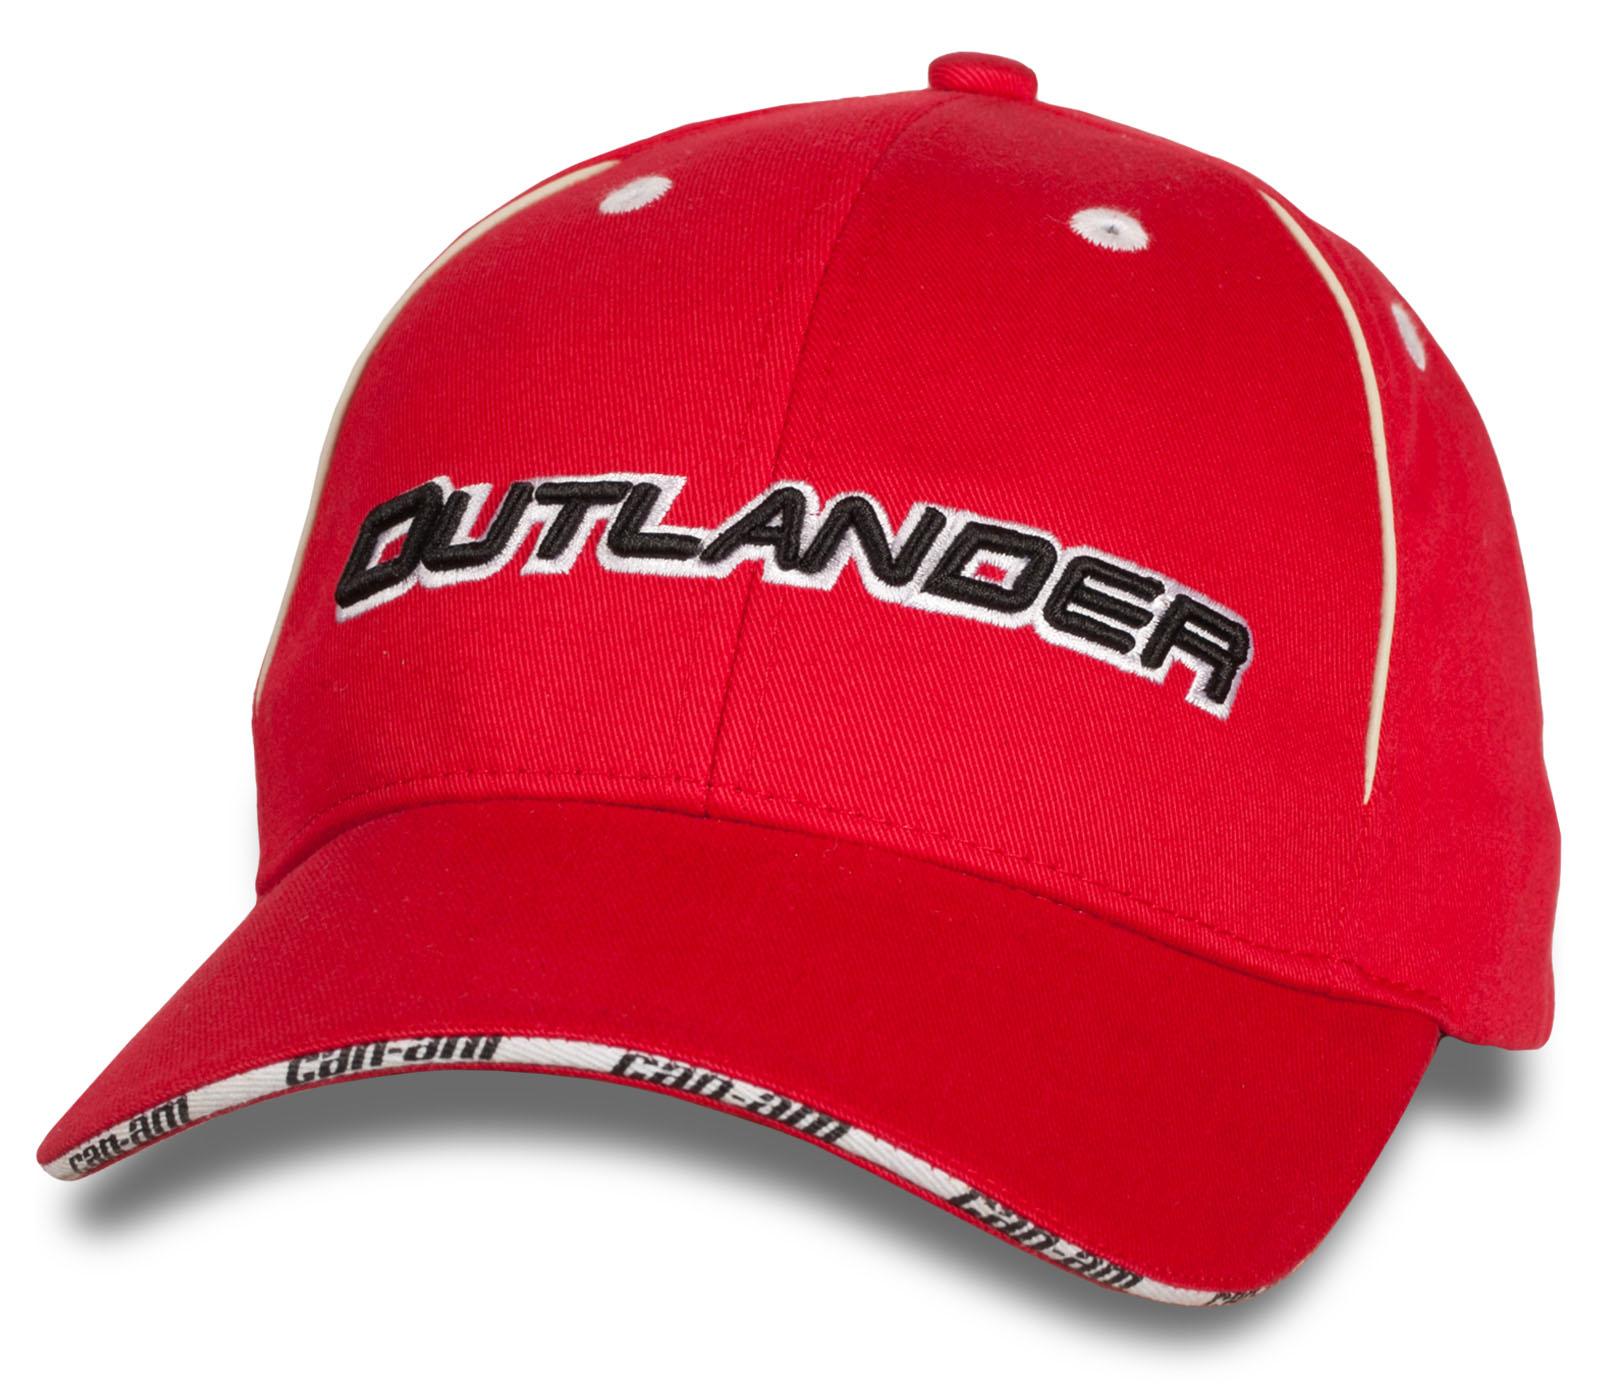 Яркая бейсболка Outlander.